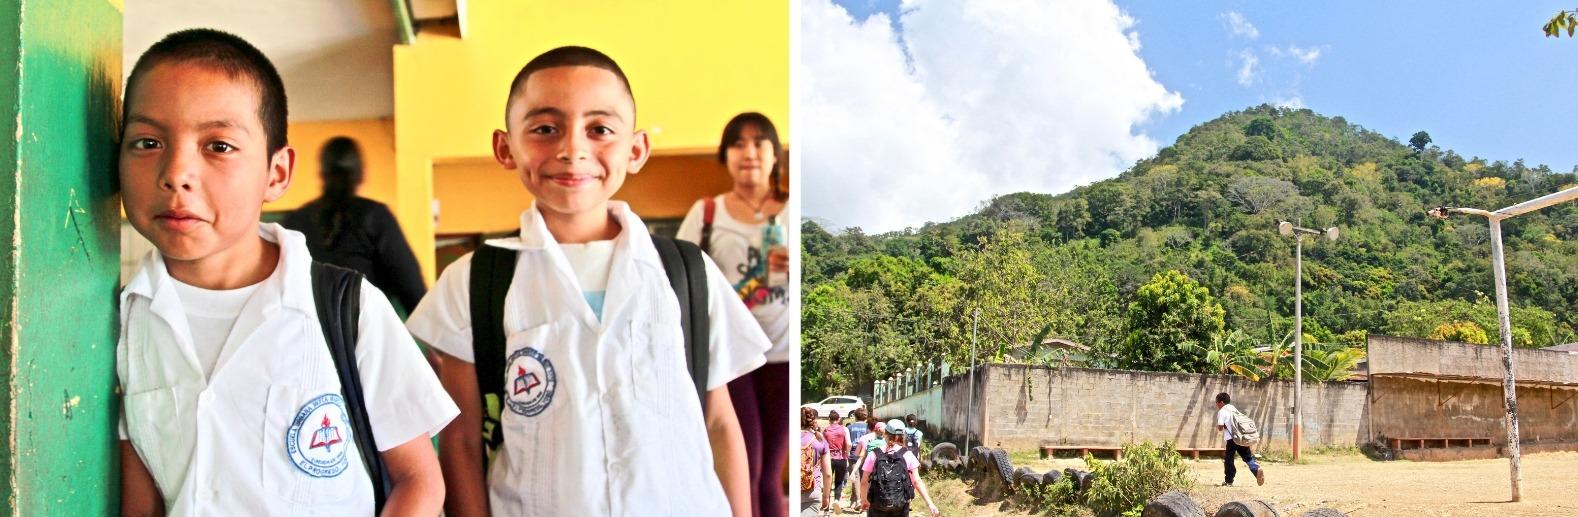 Pictures from Escuela Marco Aurelio Soto